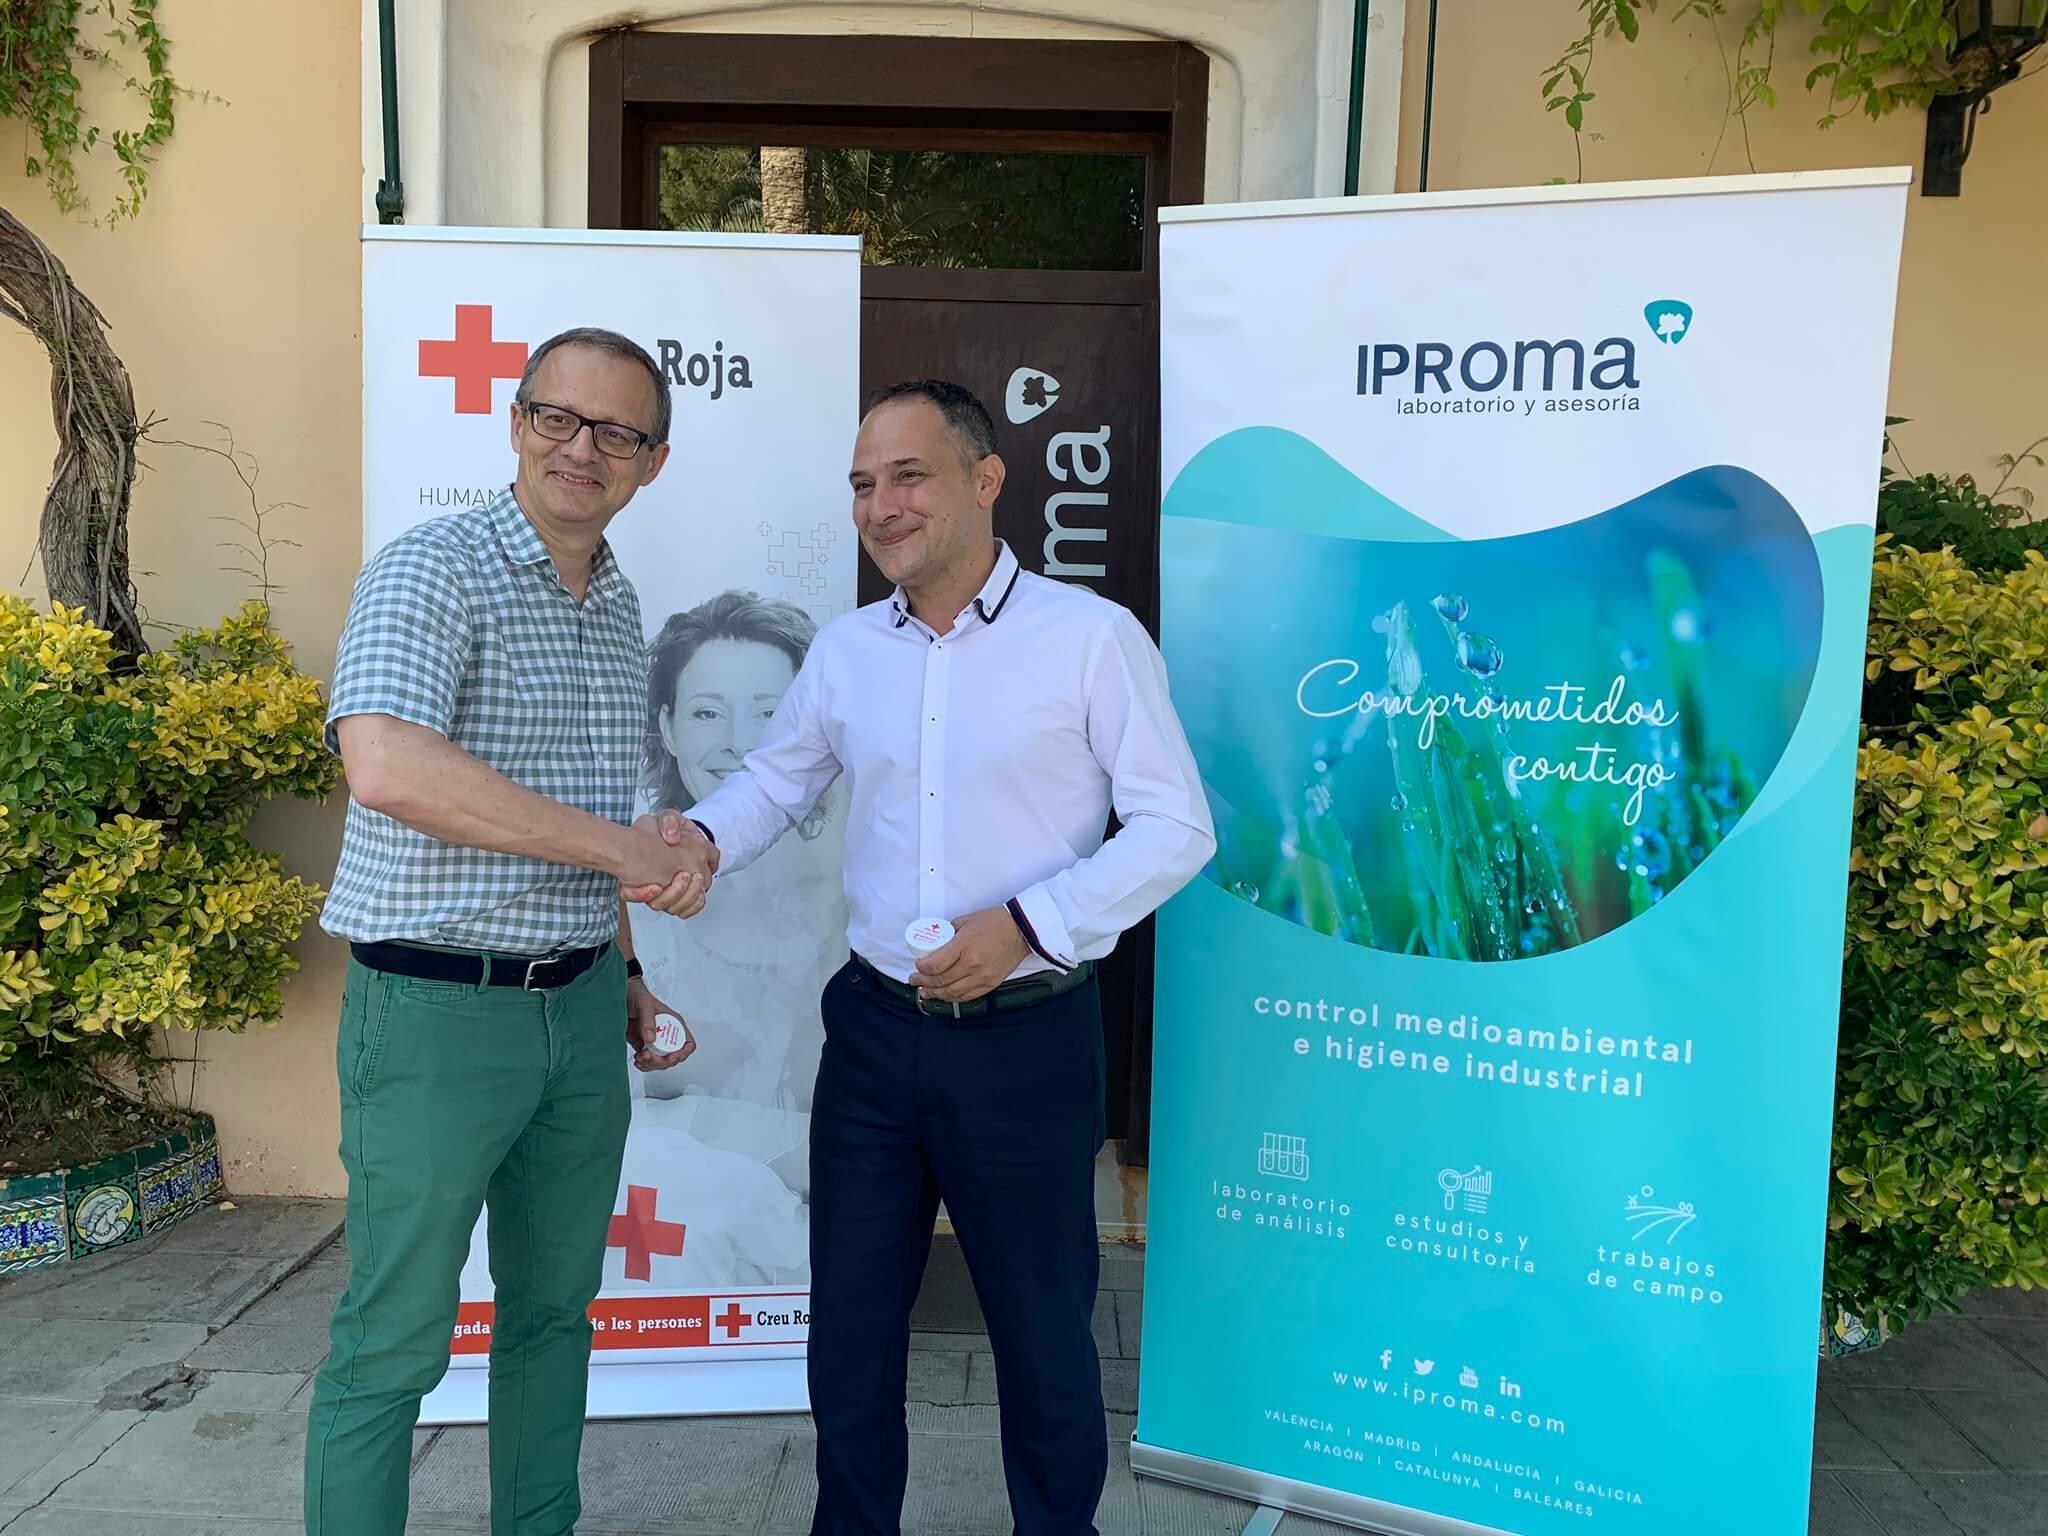 https://www.iproma.com/es/iproma-realizara-acciones-de-voluntariado-corporativo-en-las-playas-de-castello/